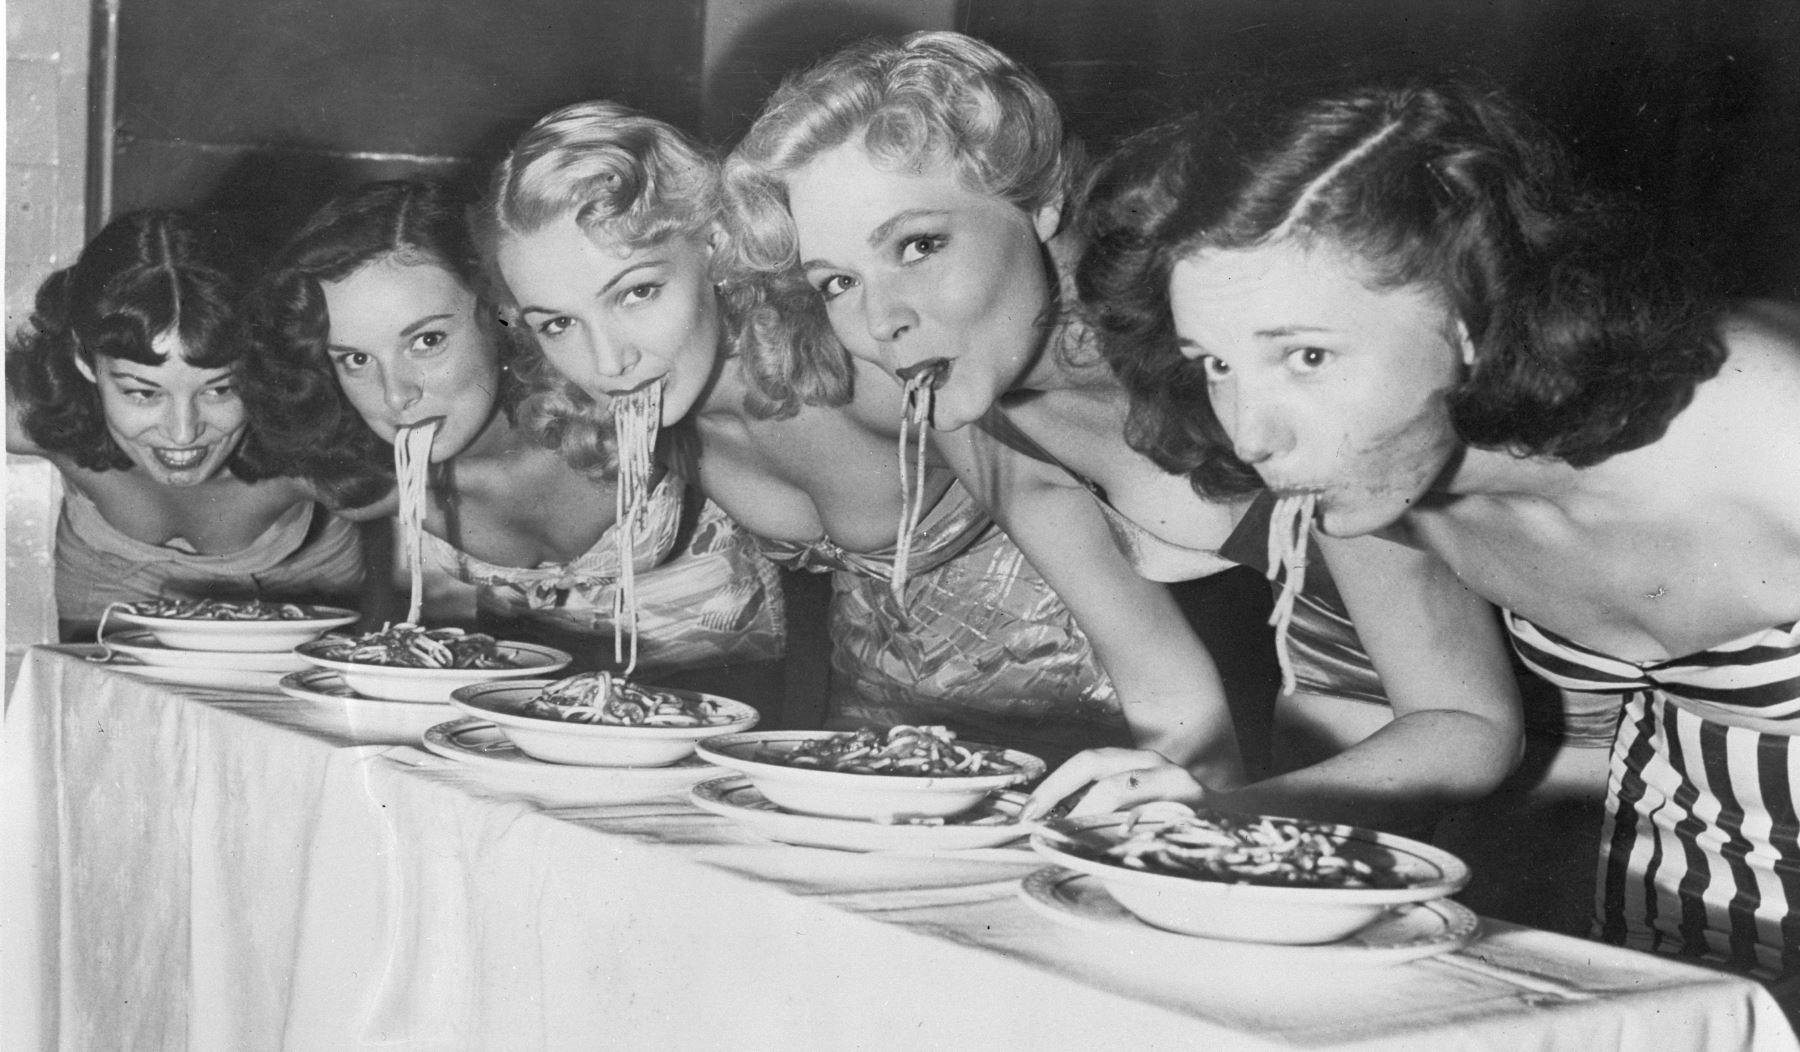 Desafiando mitos: un estudio asegura que la pasta no engorda